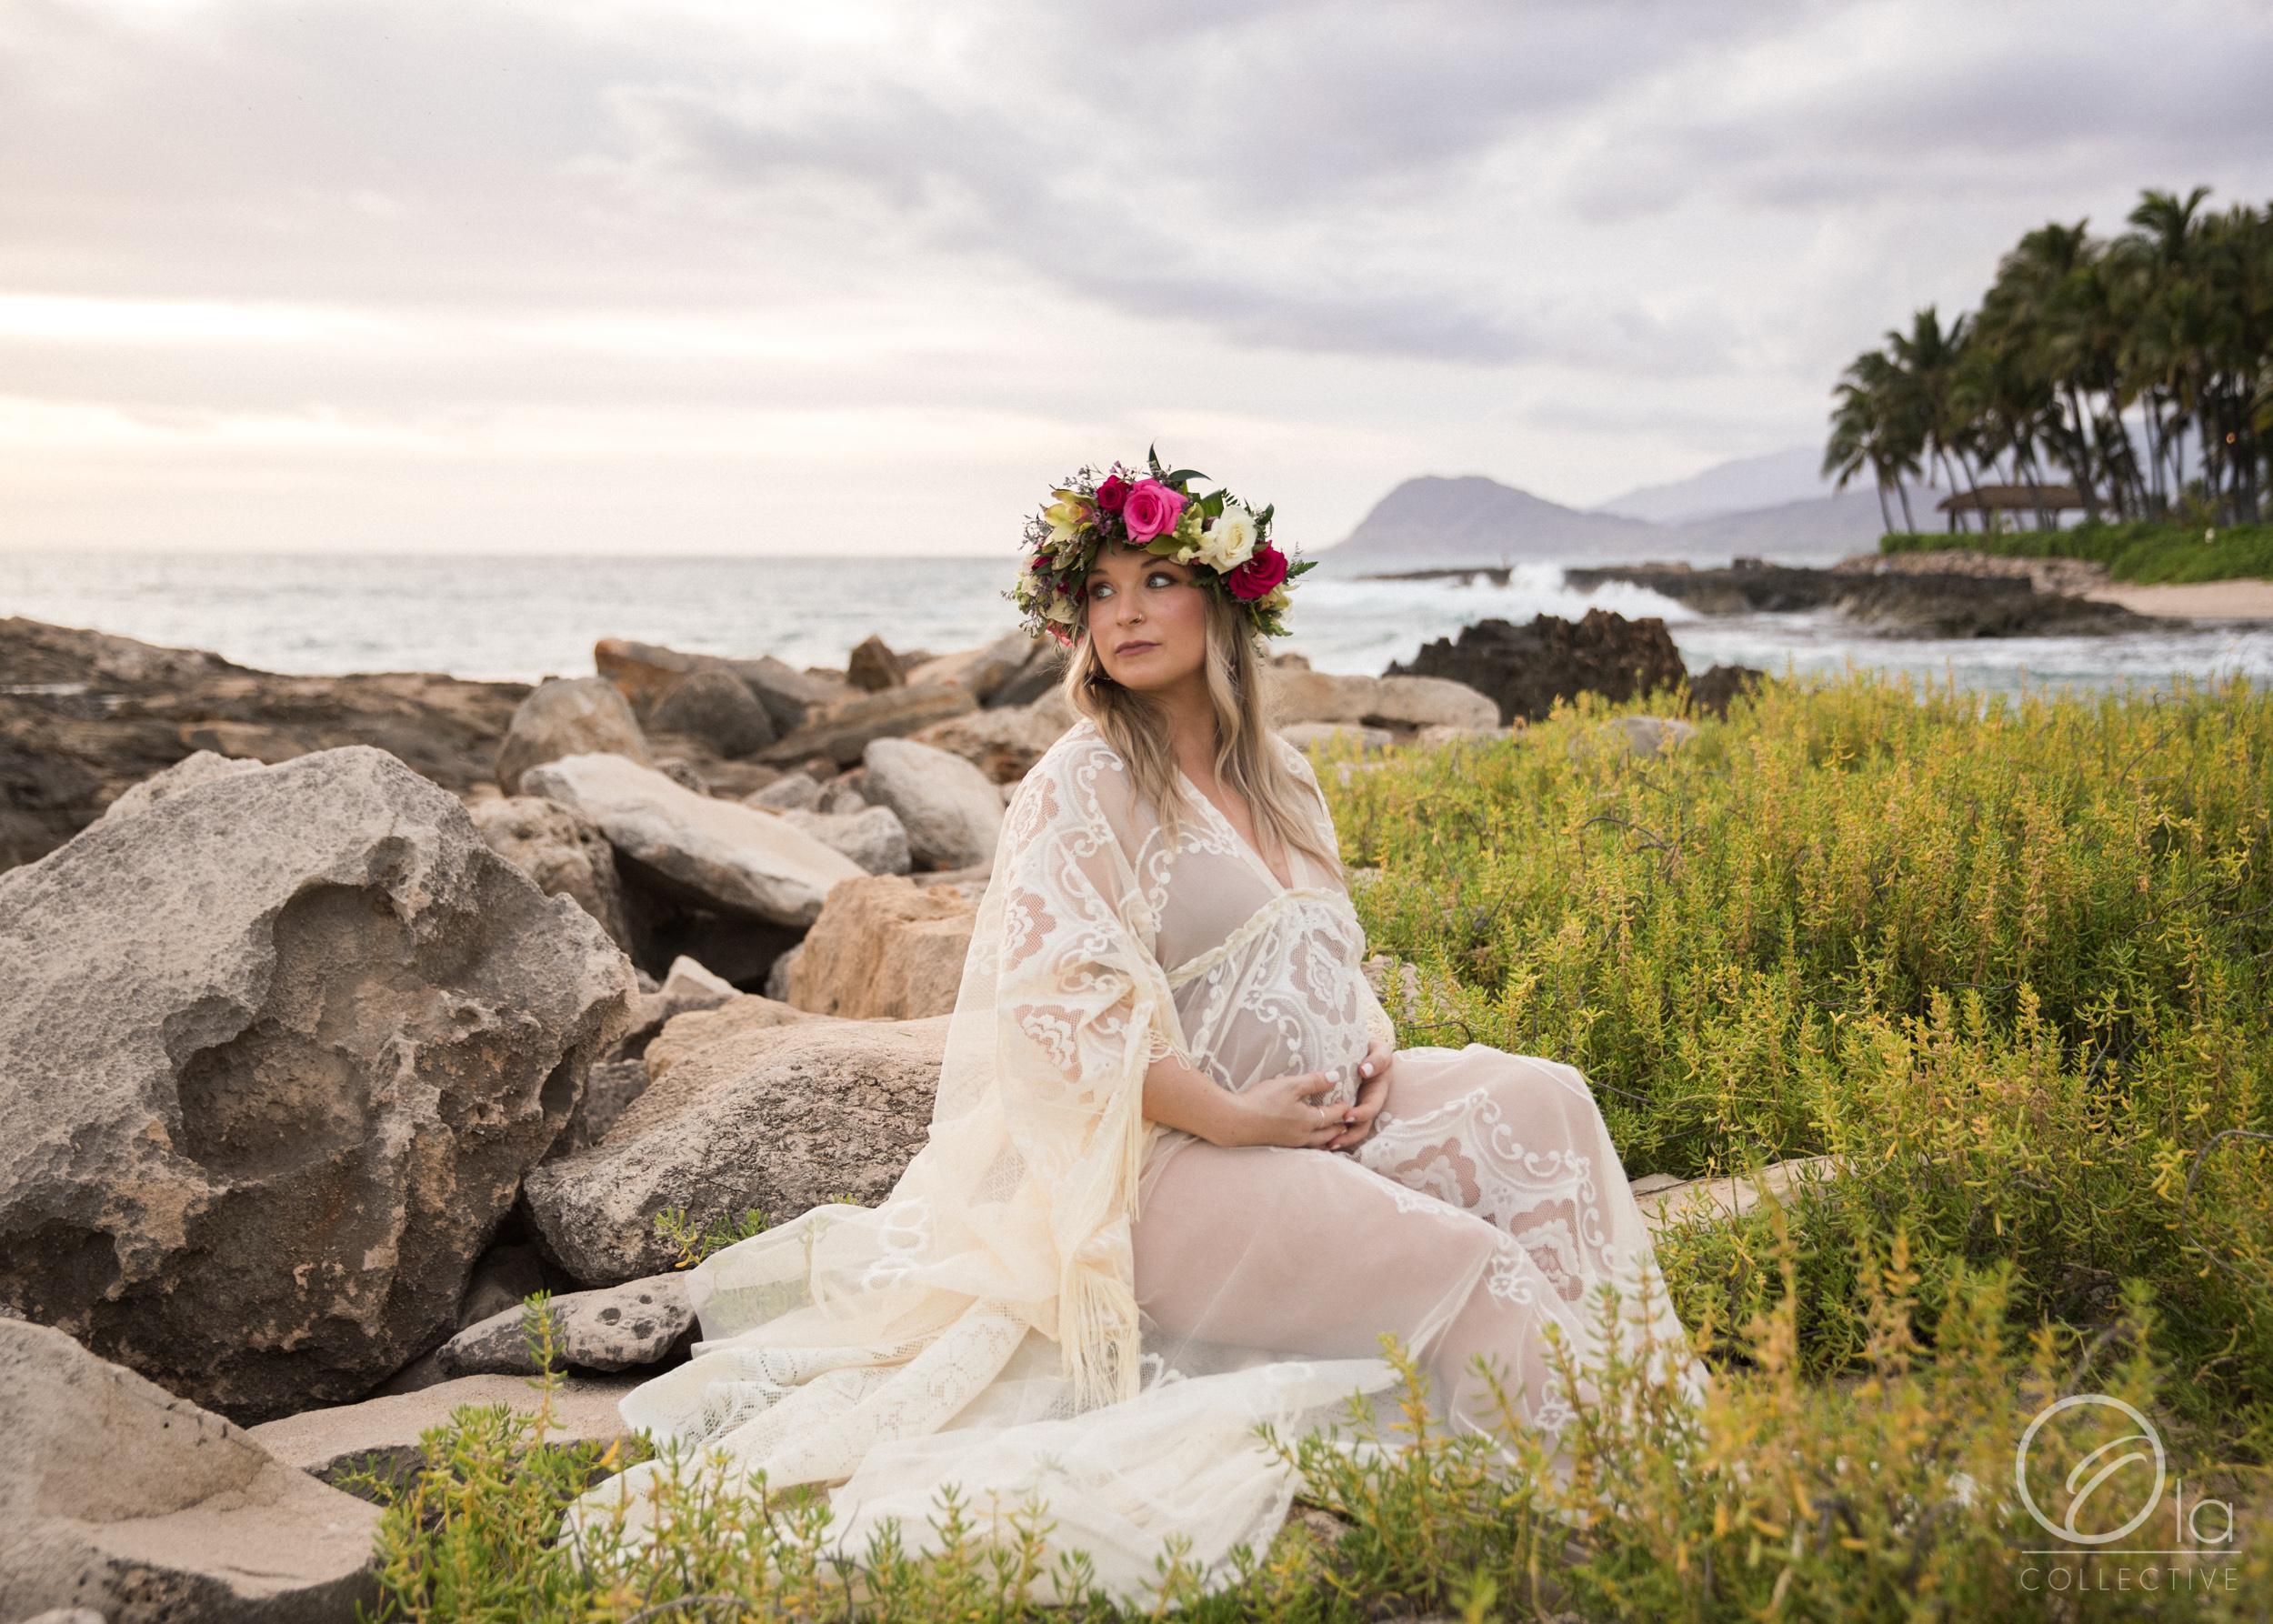 Four-Seasons-Oahu-Family-Photographer-Ola-Collective-4.jpg